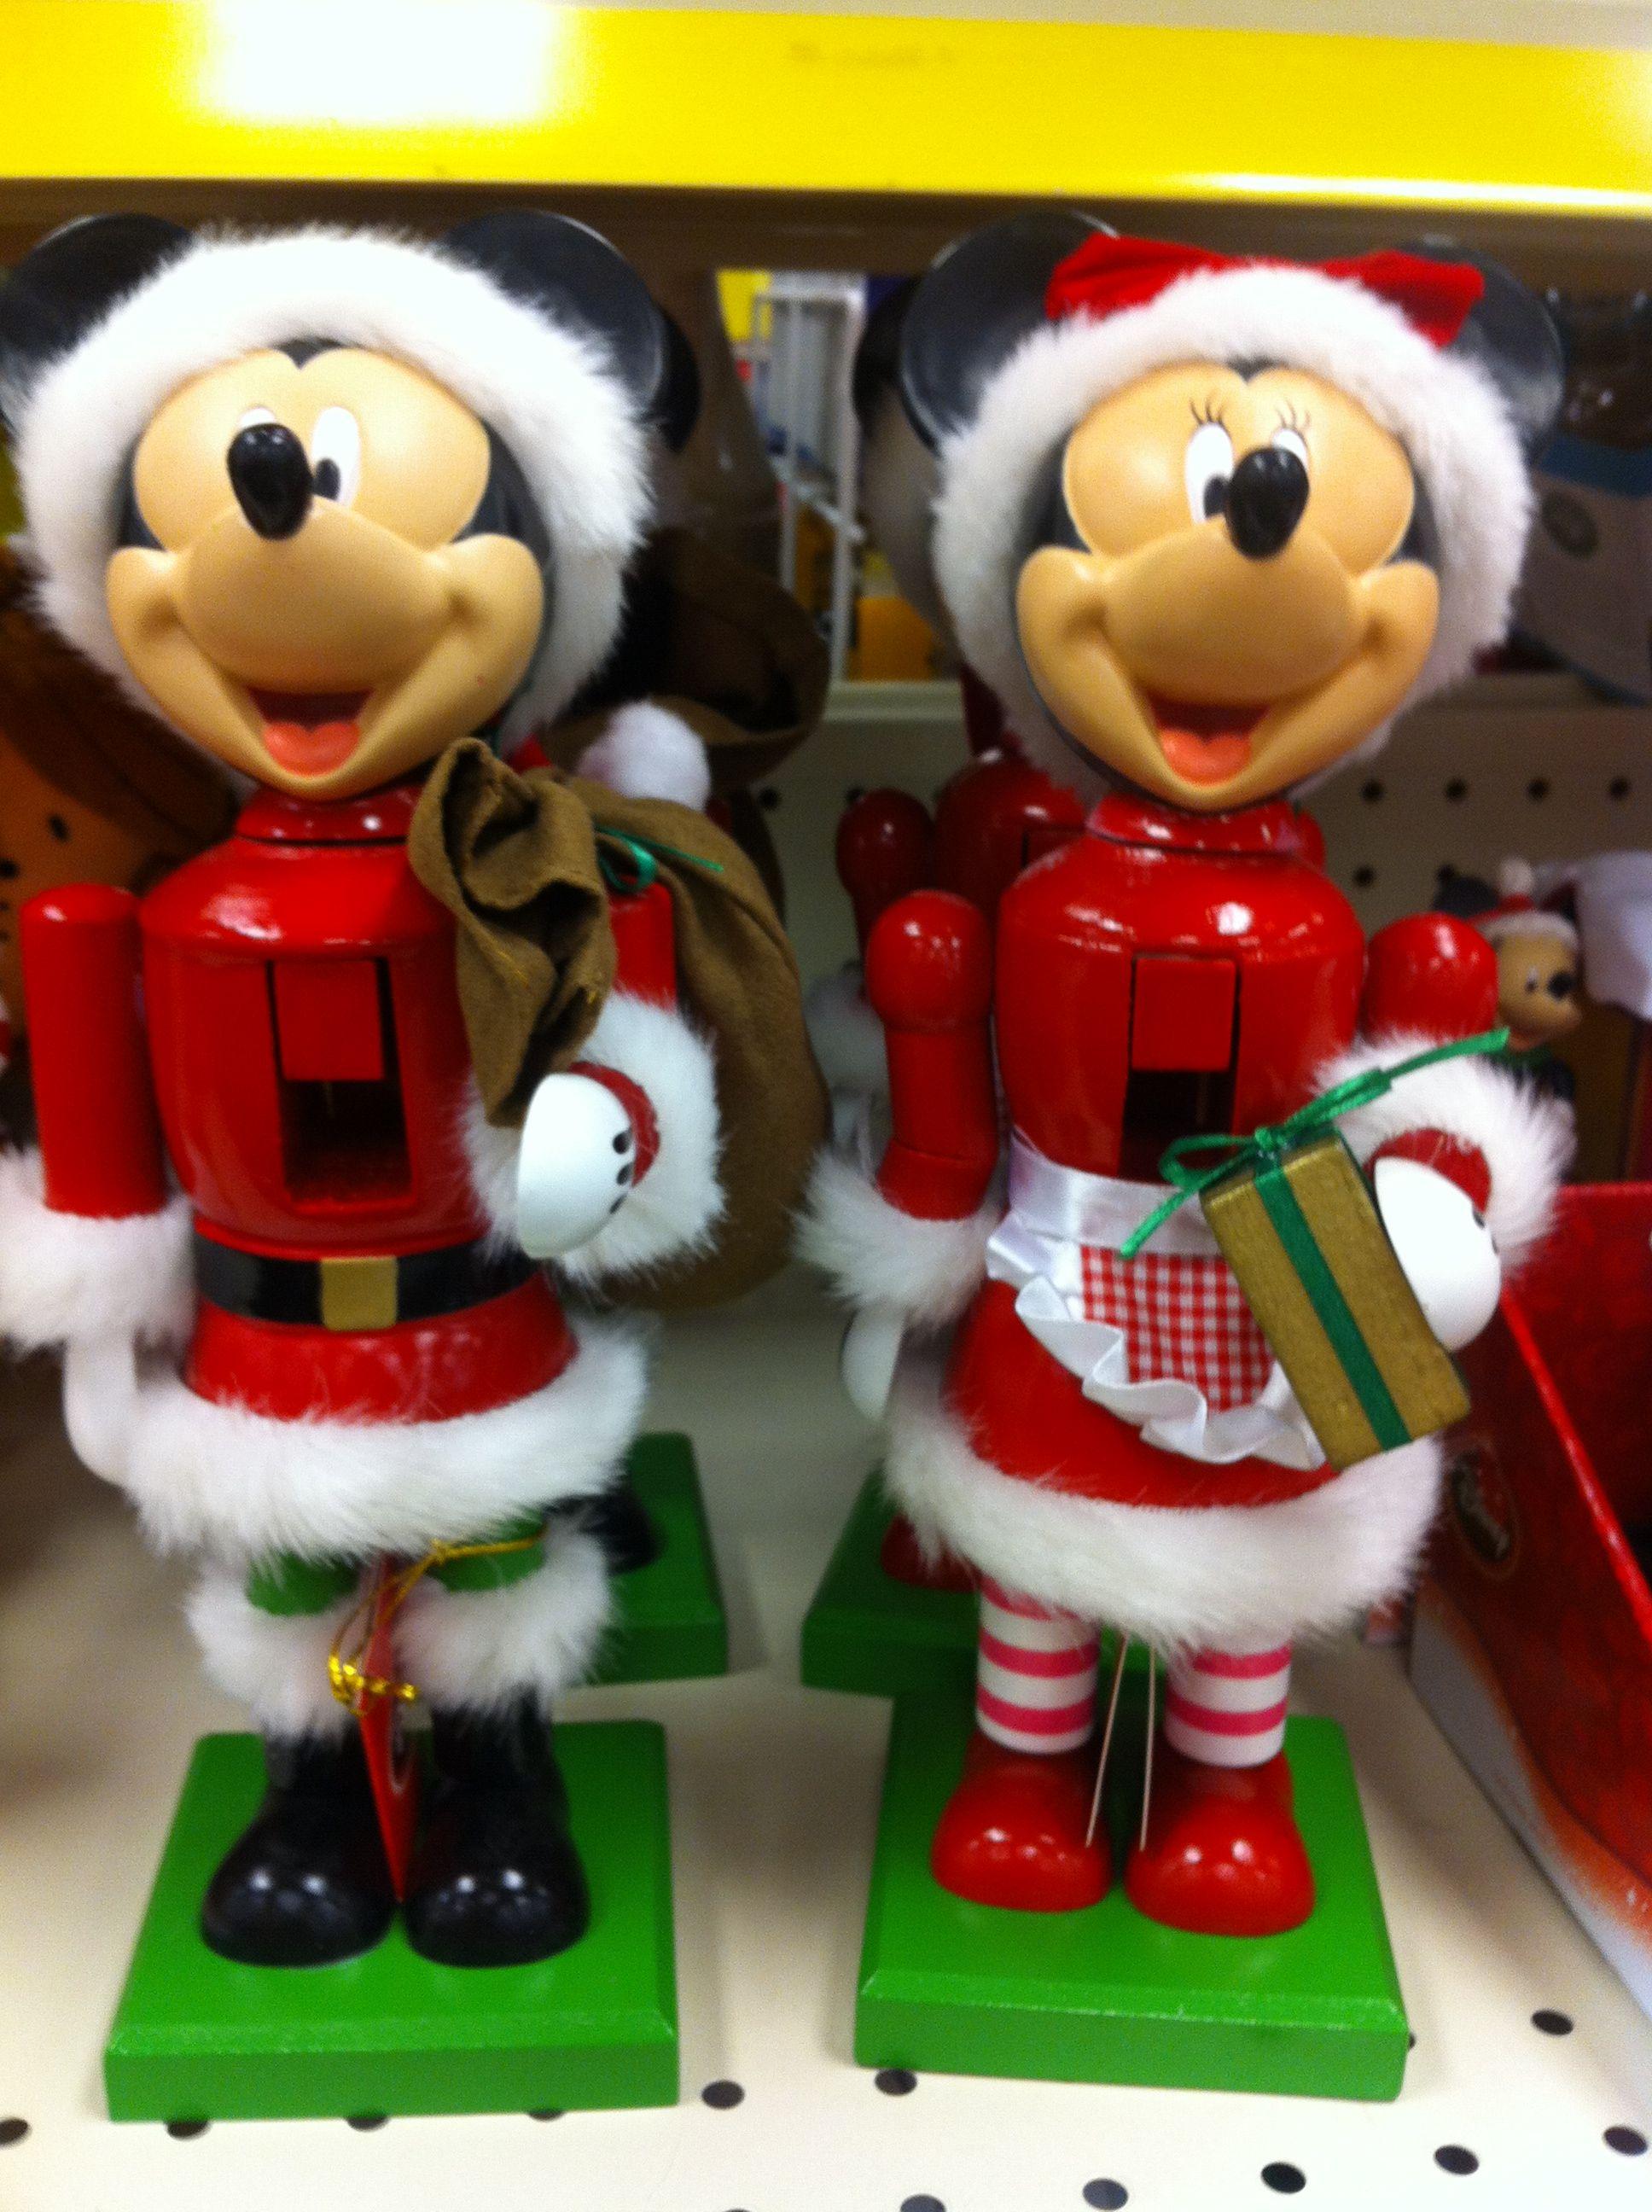 cvs too cute mickey minnie ooooooh how i want these - Cvs Outdoor Christmas Decorations